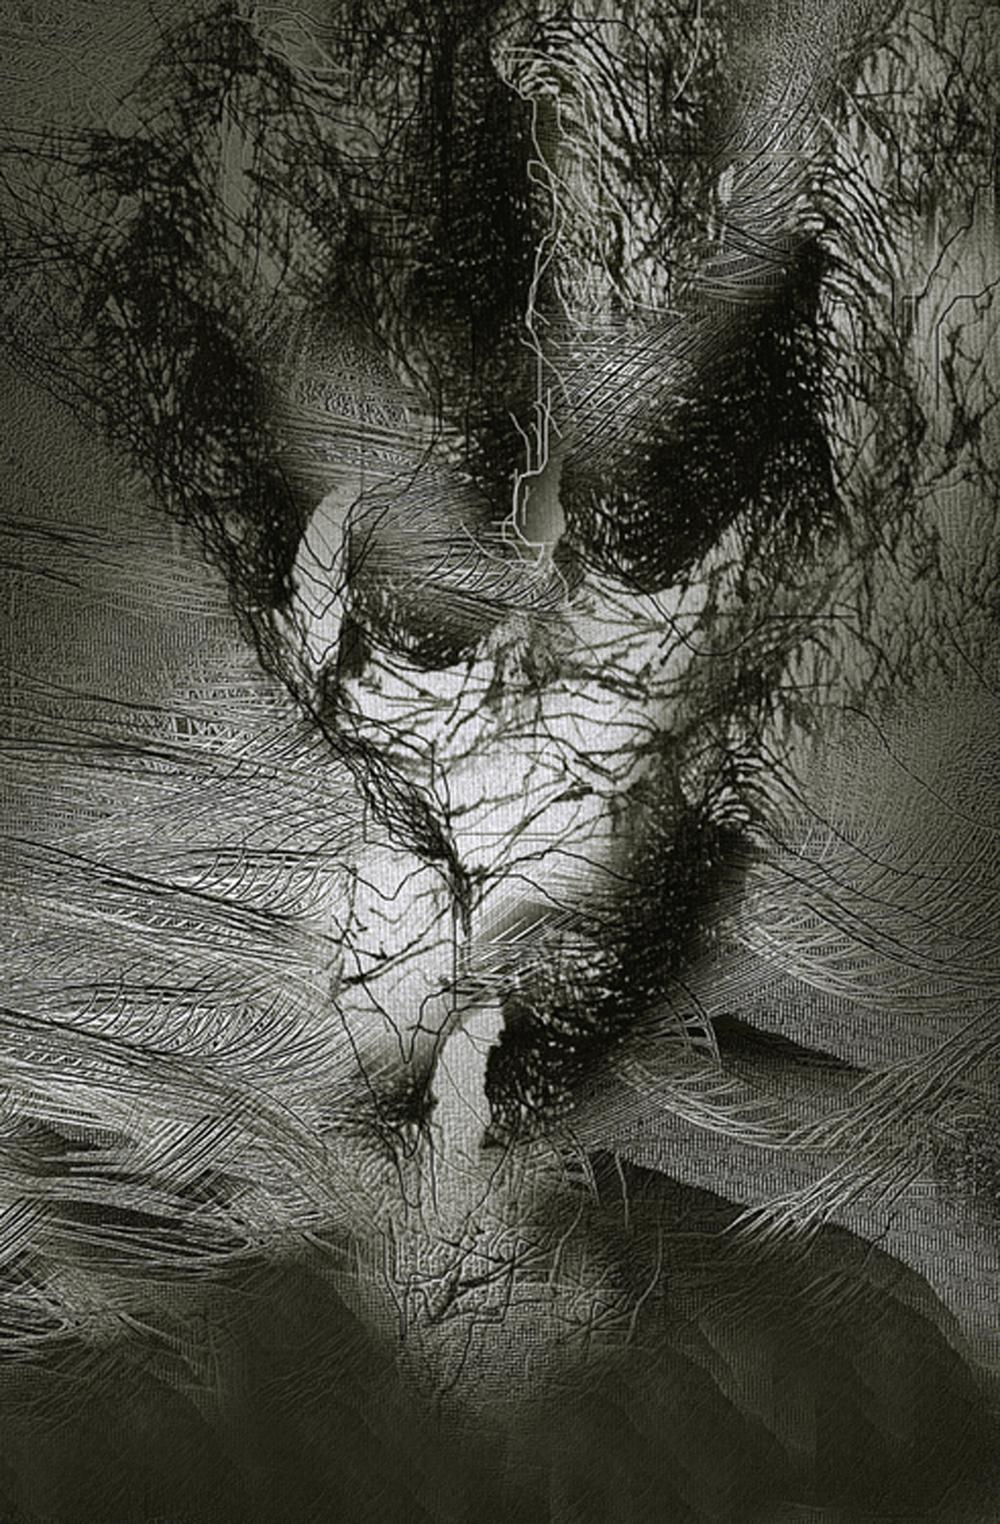 Góry 2, Drzewo, 100x70 cm, 2003.jpg